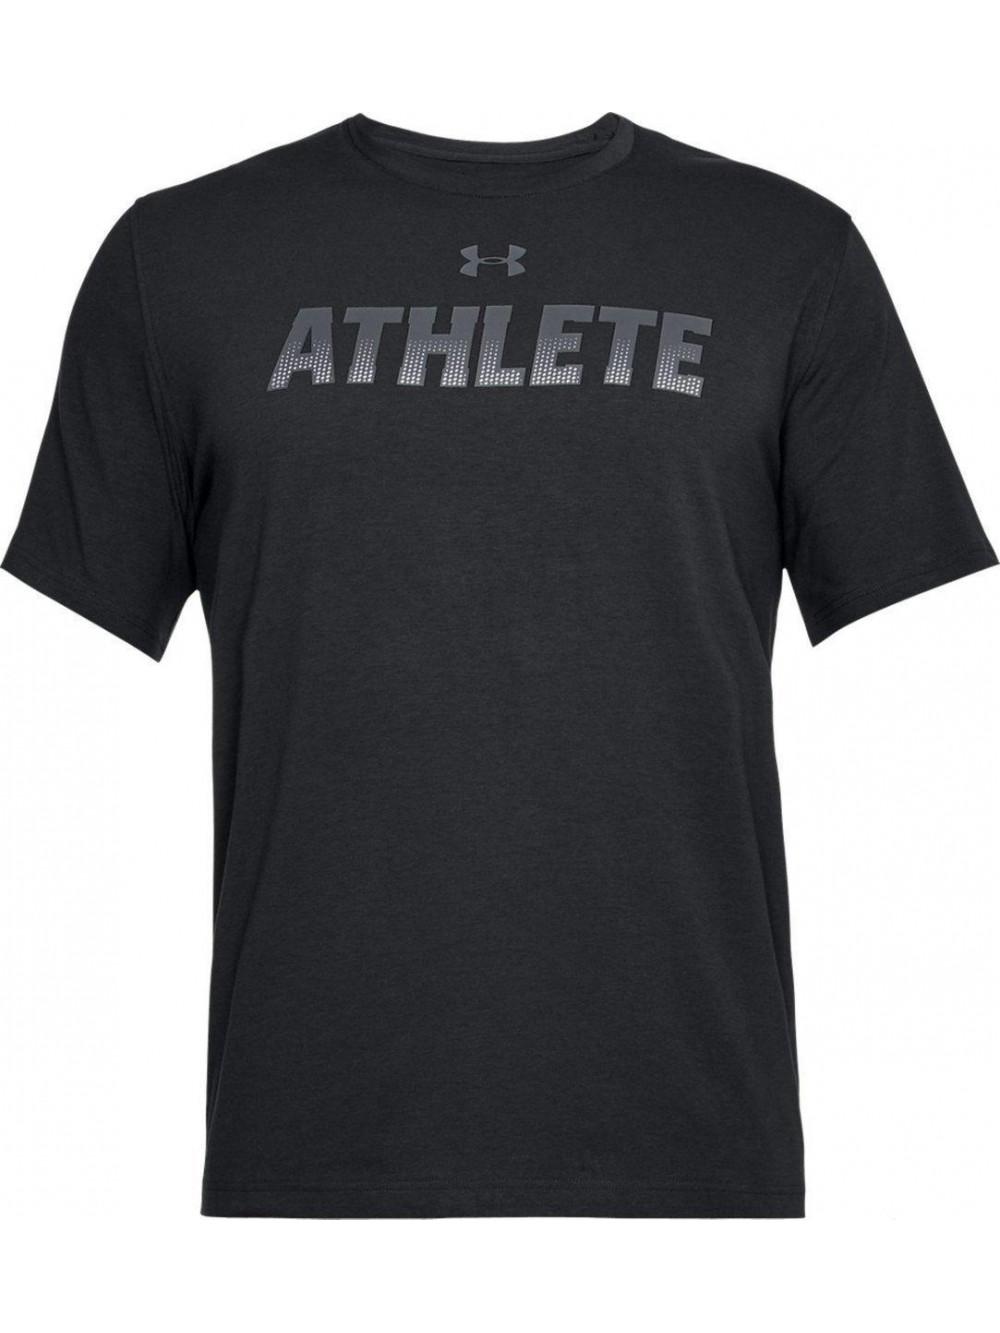 Tričko Under Armour Athlete černé